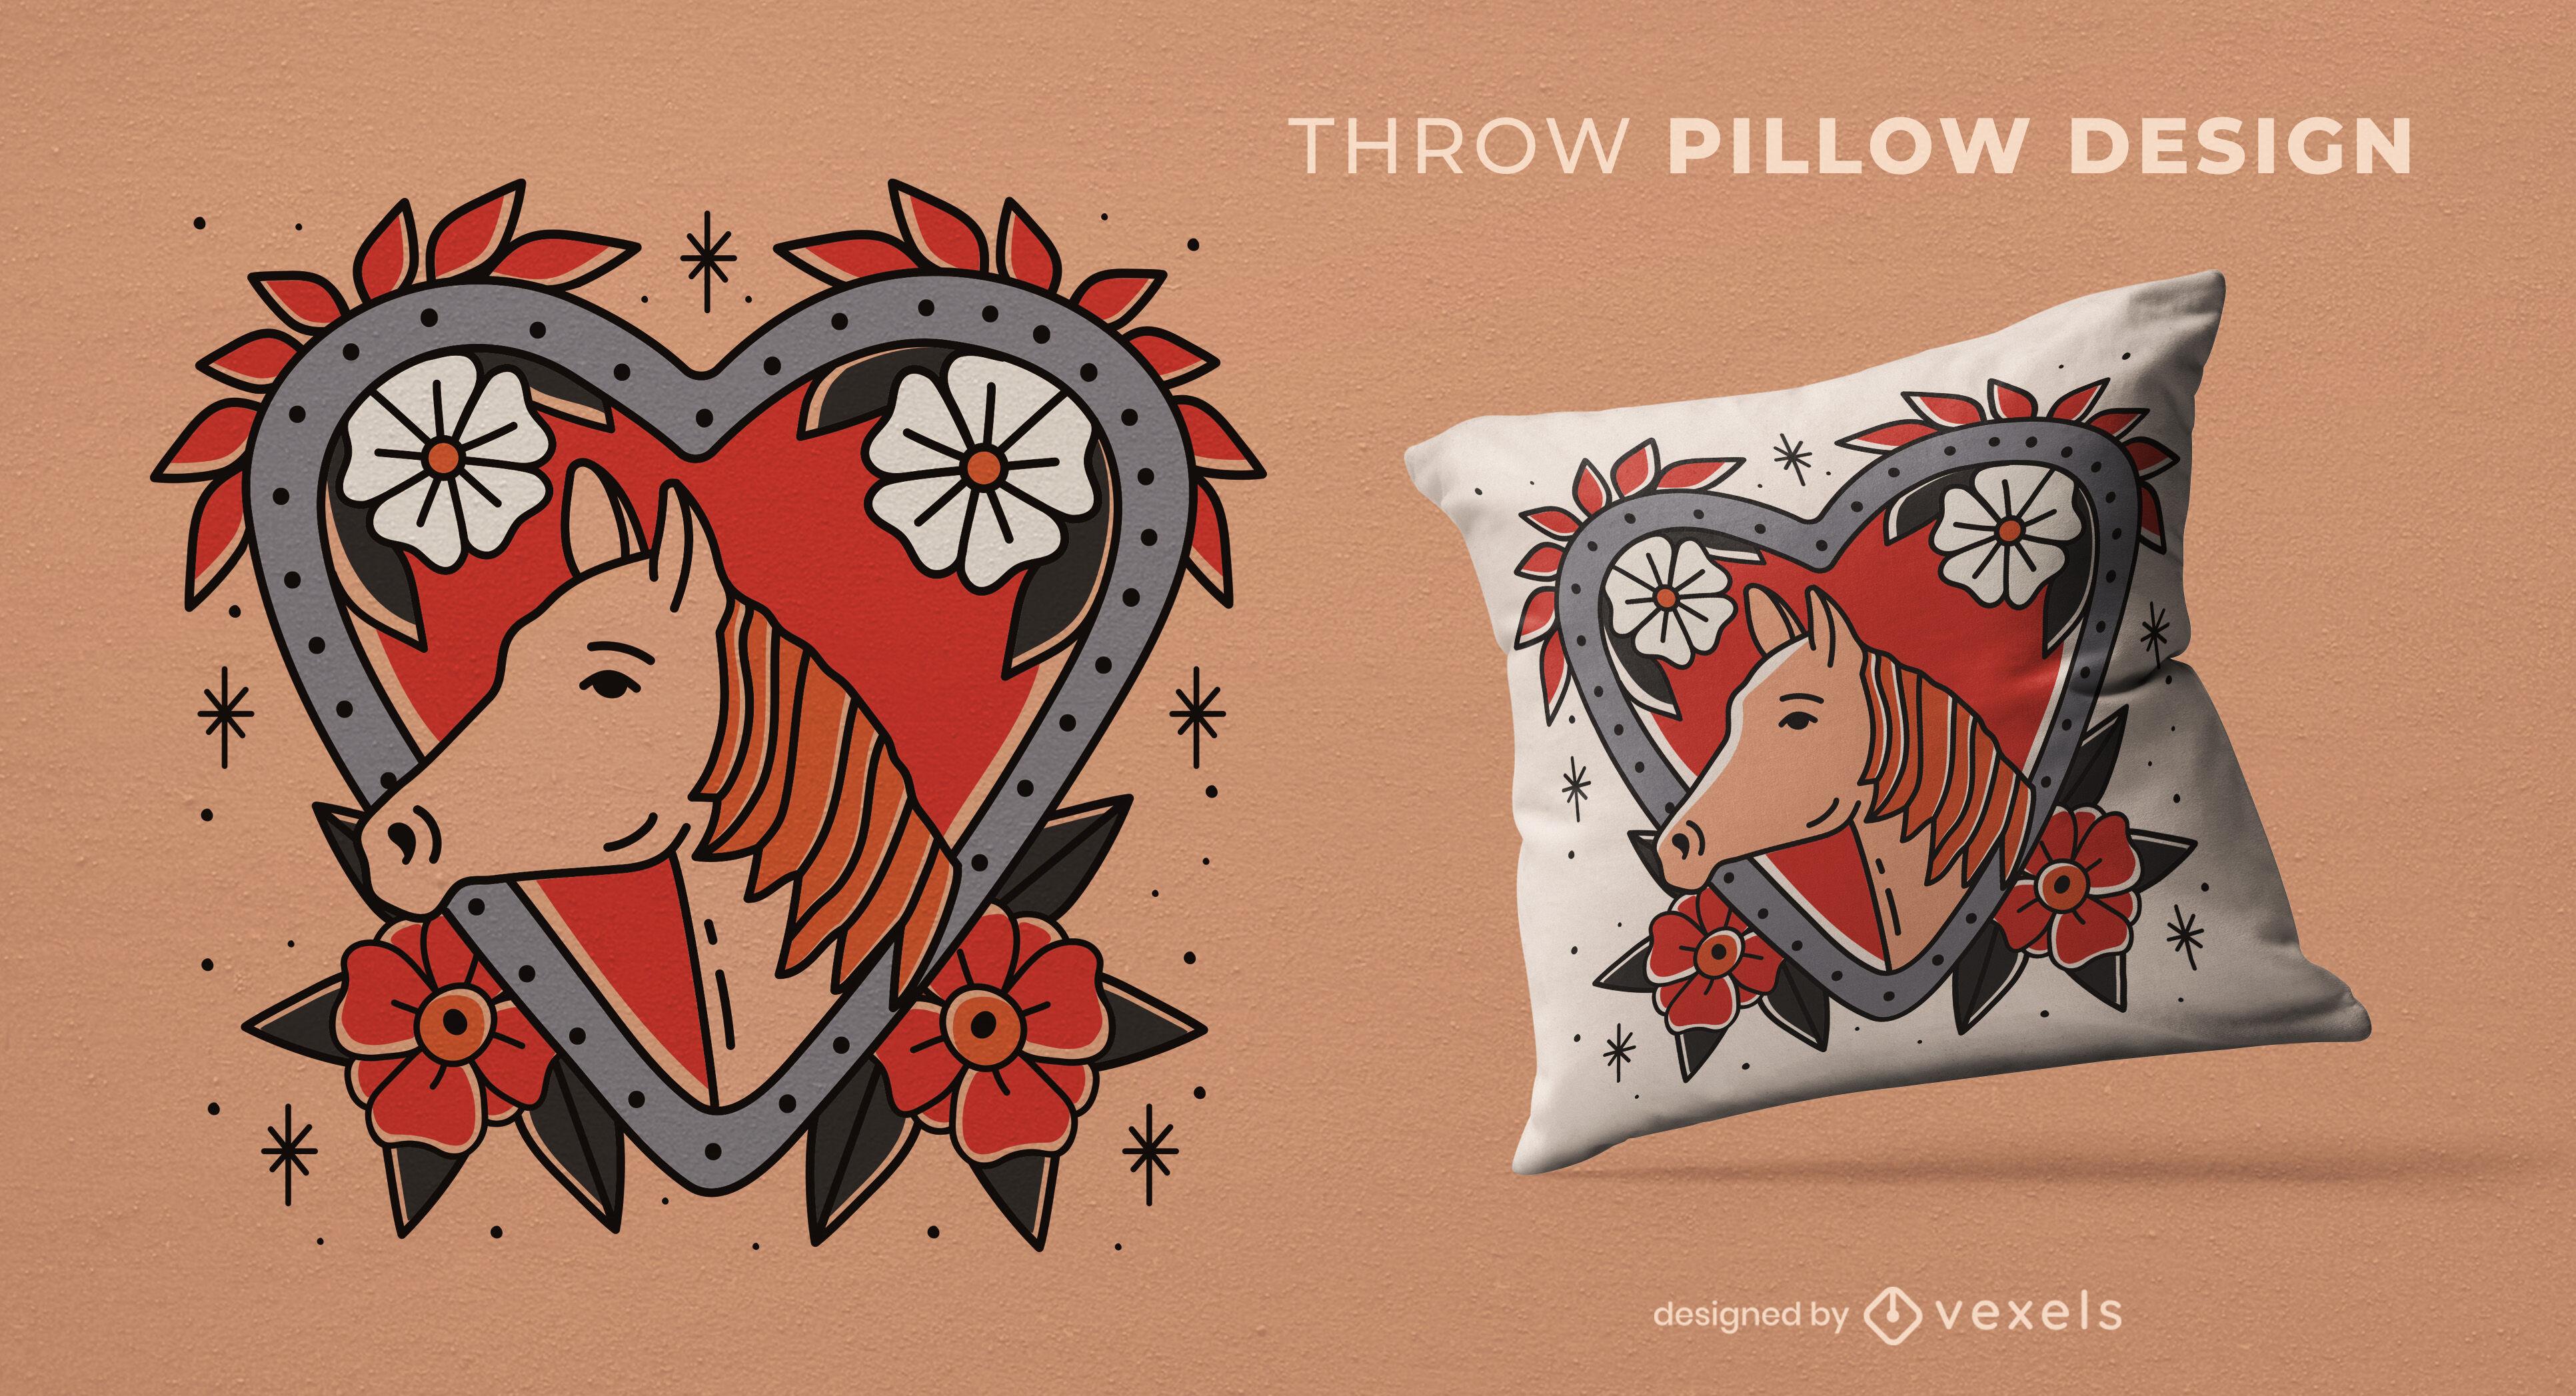 Diseño de almohada con forma de corazón en forma de herradura.